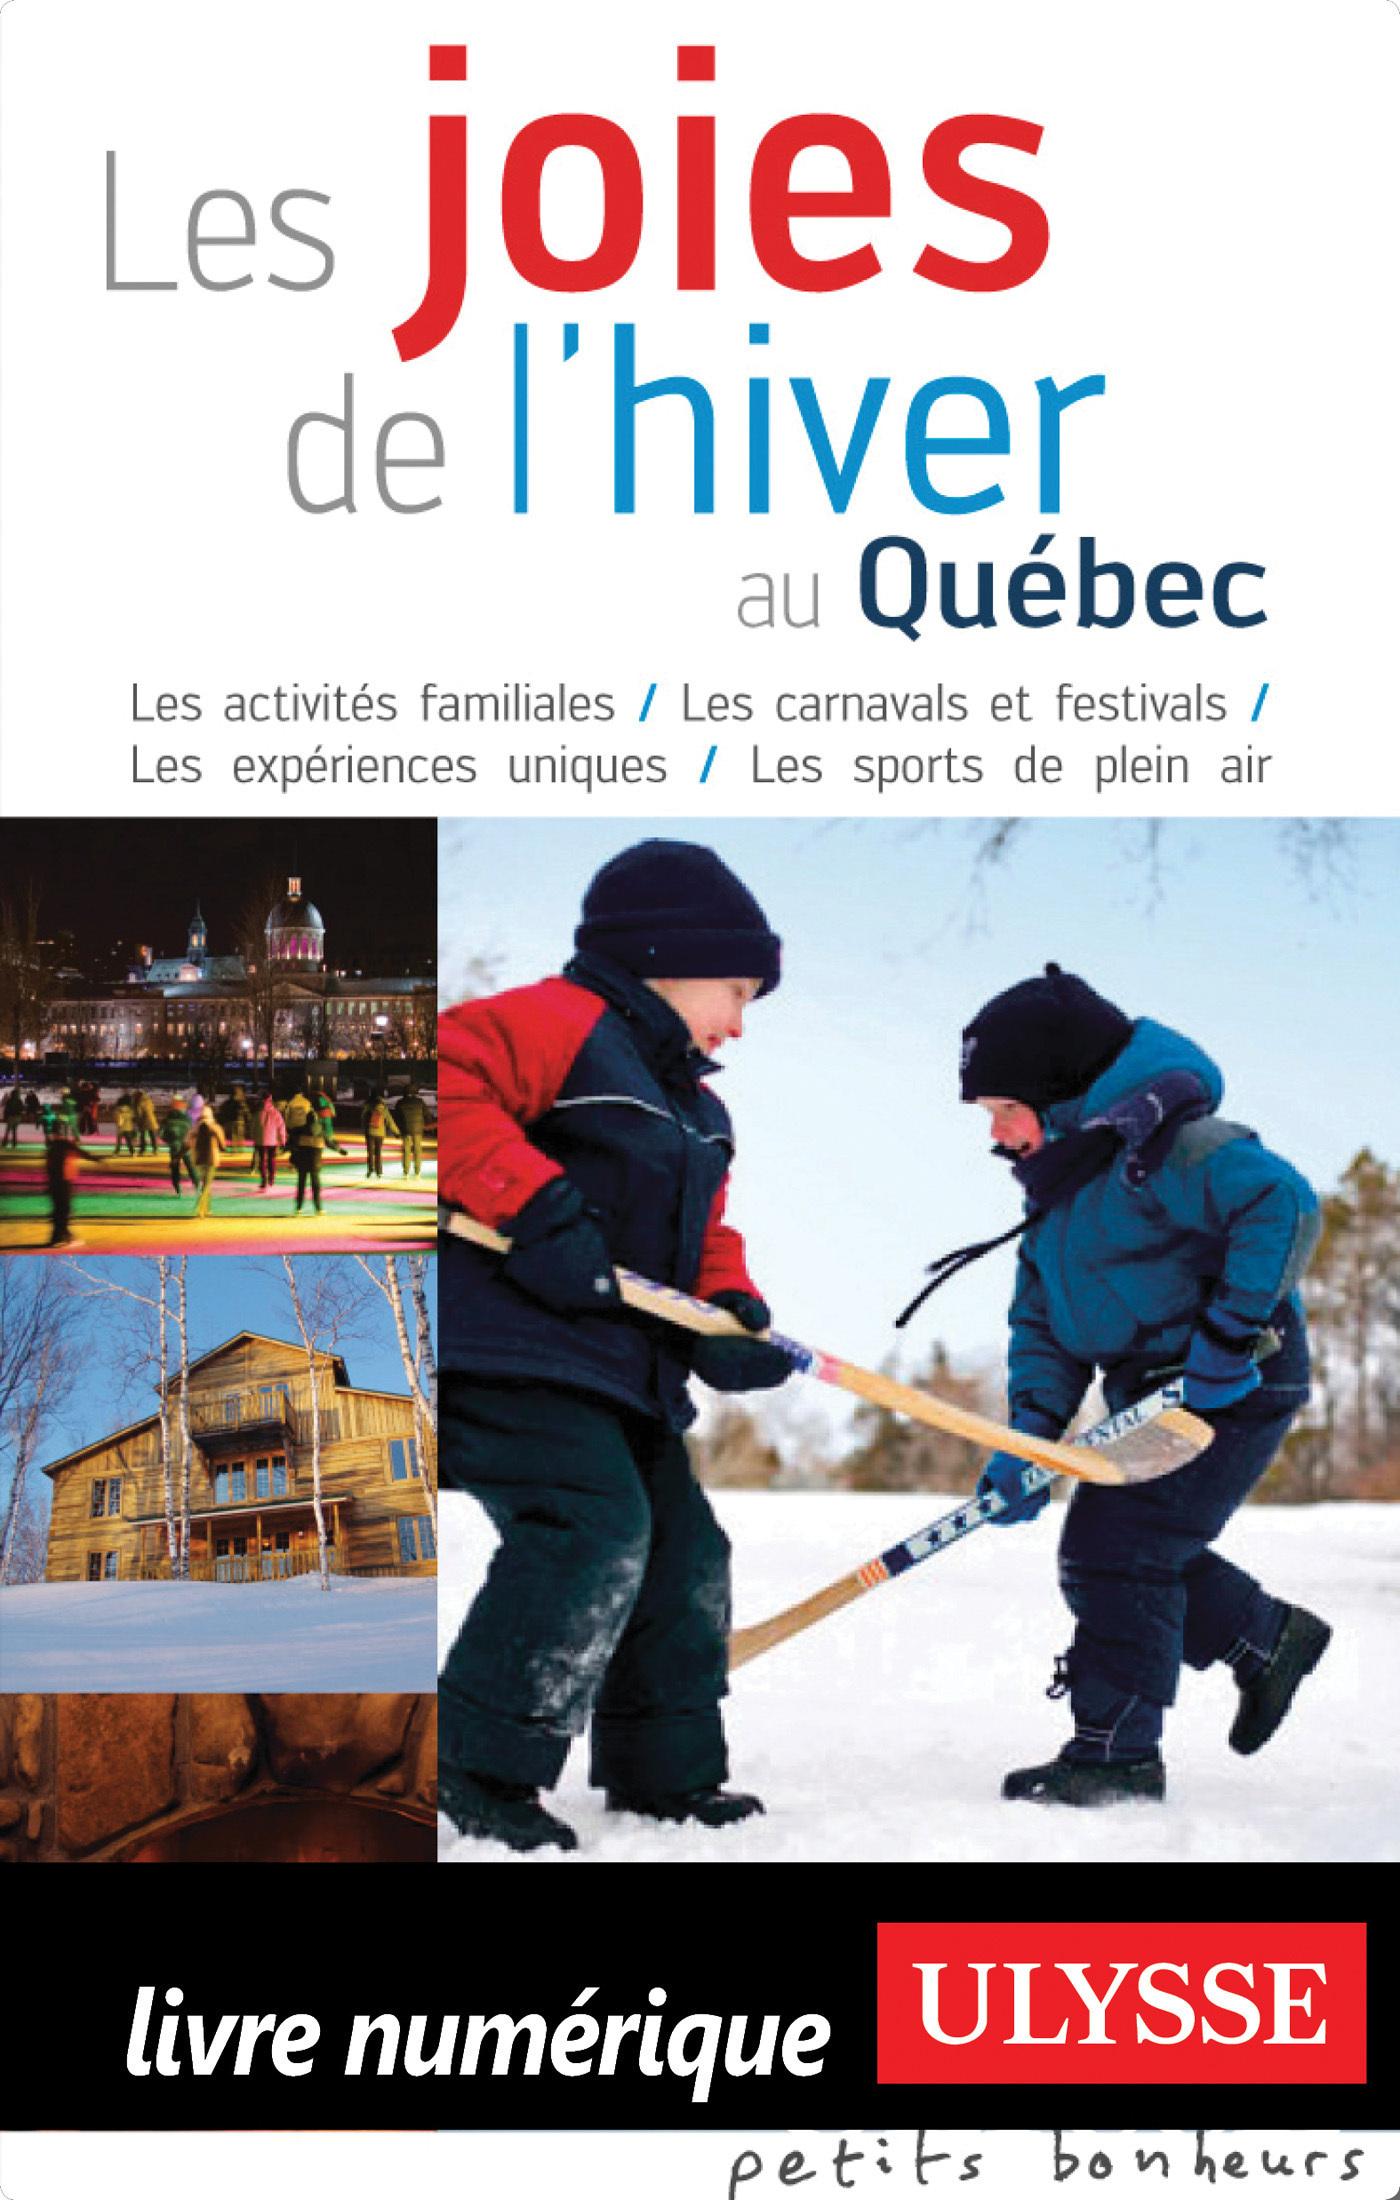 Les joies de l'hivers au Québec